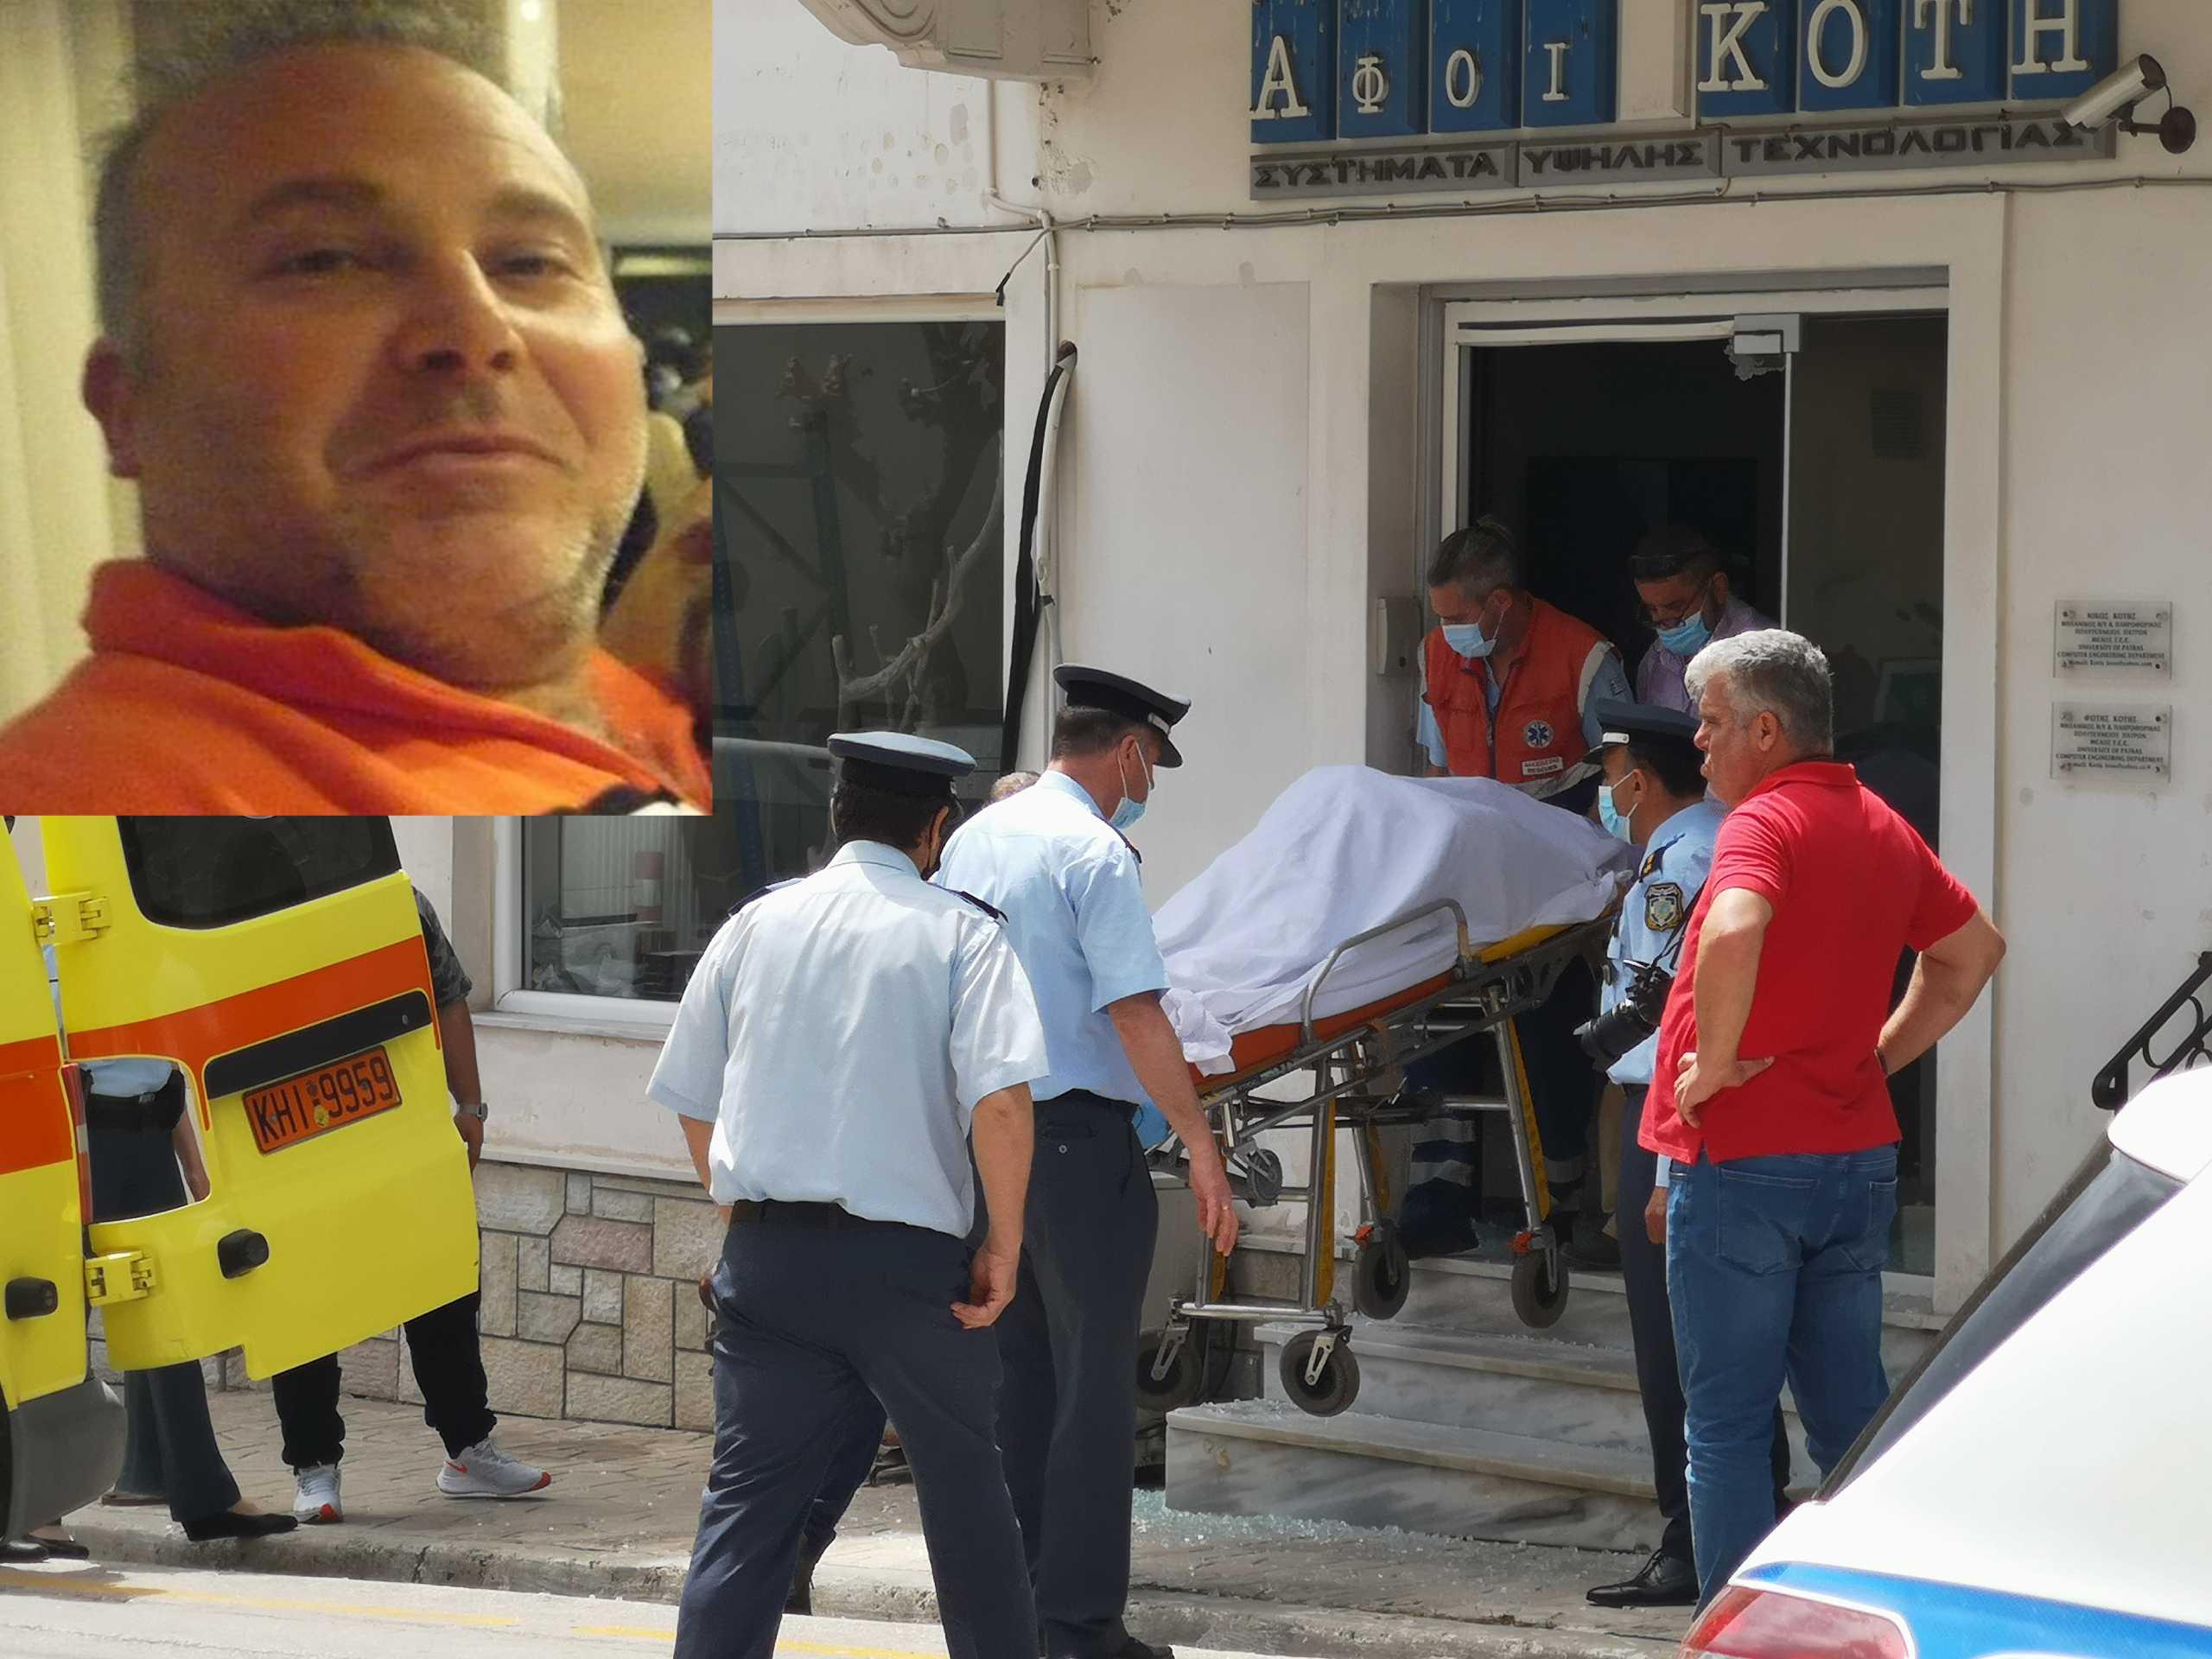 Ζάκυνθος: Το προφίλ των δολοφόνων του επιχειρηματία – Σε εξέλιξη οι έρευνες για το έγκλημα